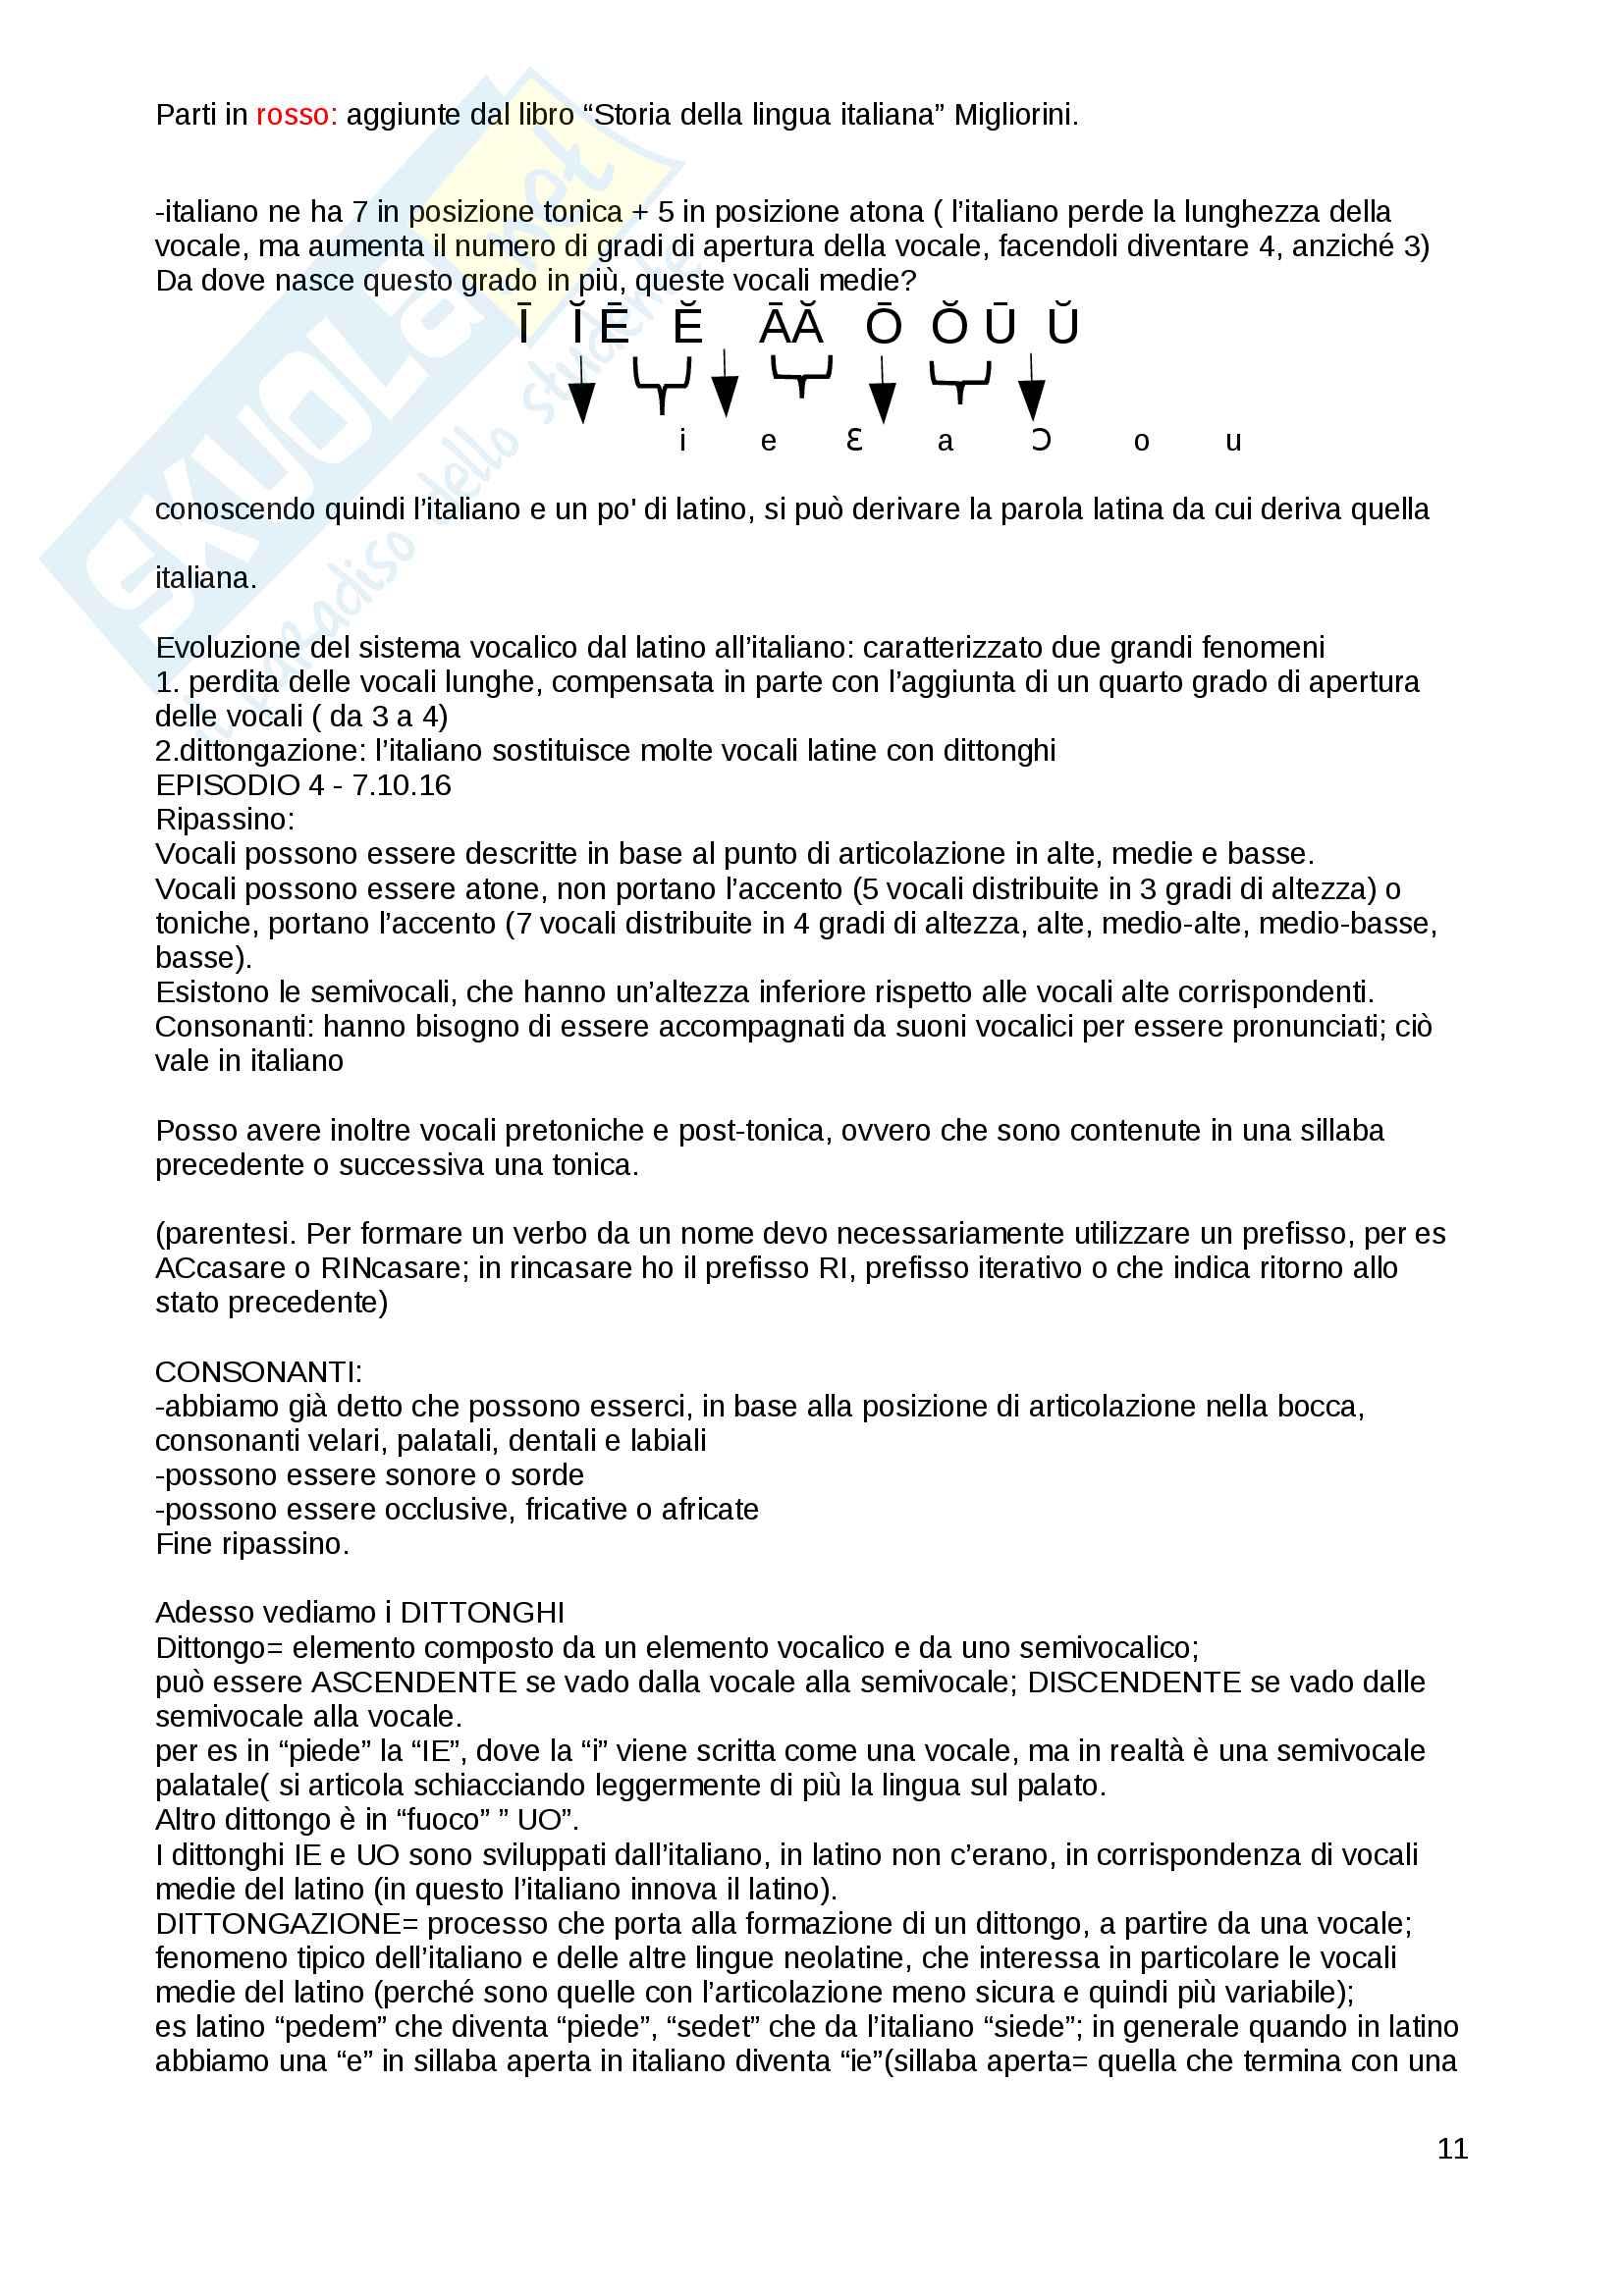 Riassunto esame linguistica italiana prof. Vicario Pag. 11